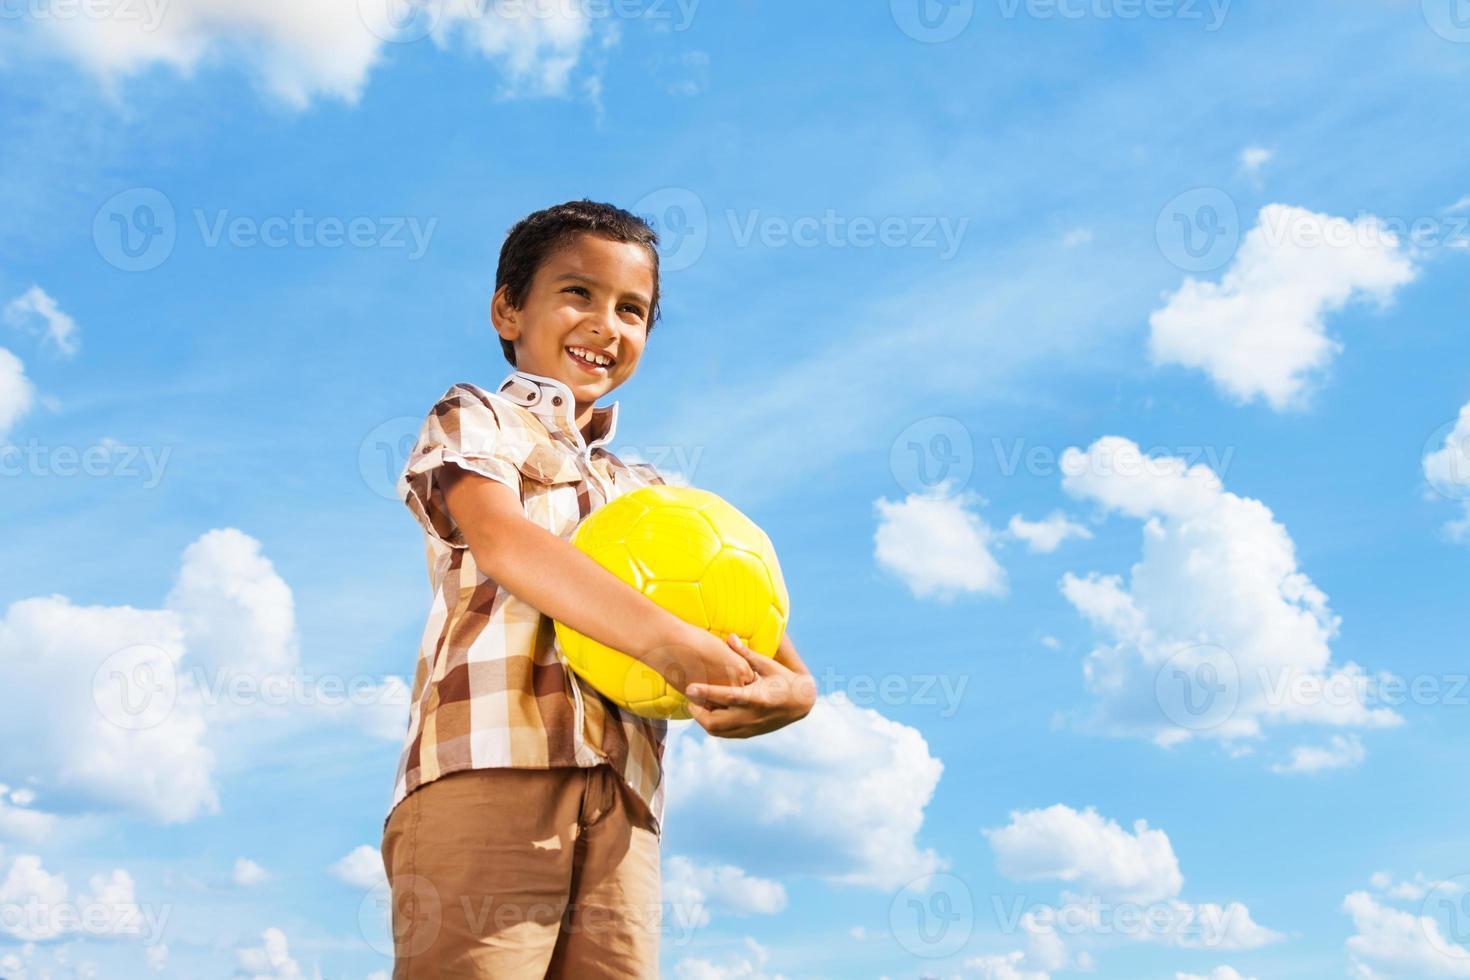 niño parado con pelota de futbol foto